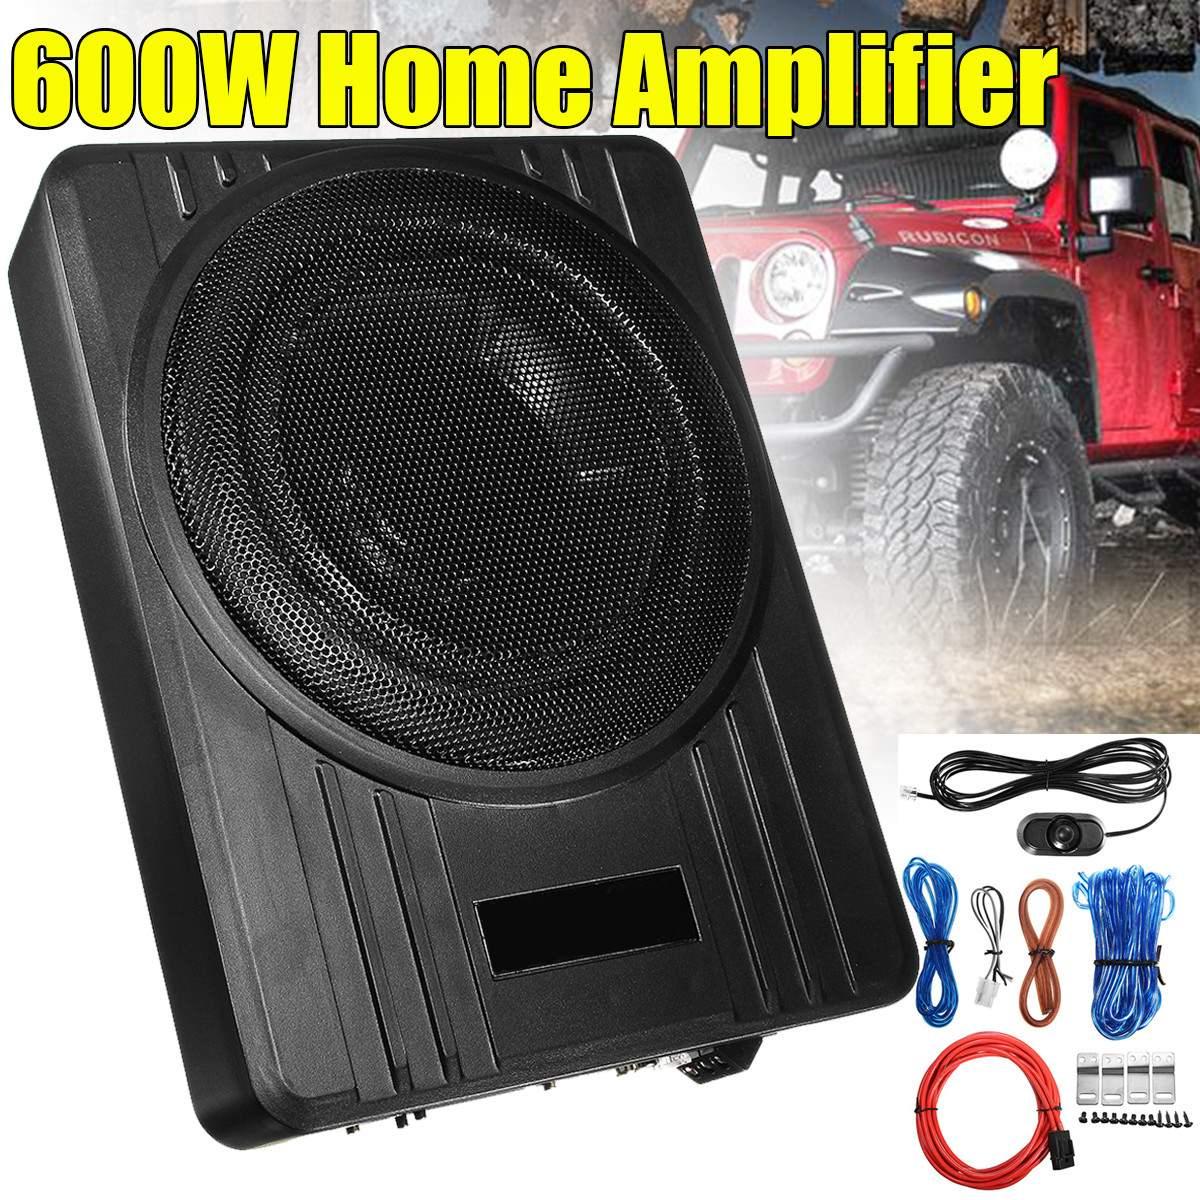 10 pouces 600 W alimenté voiture haut-parleur camion Subwoofer amplificateur amplificateur mince sous-siège Super basse voiture Subwoofer amplificateur haut-parleur